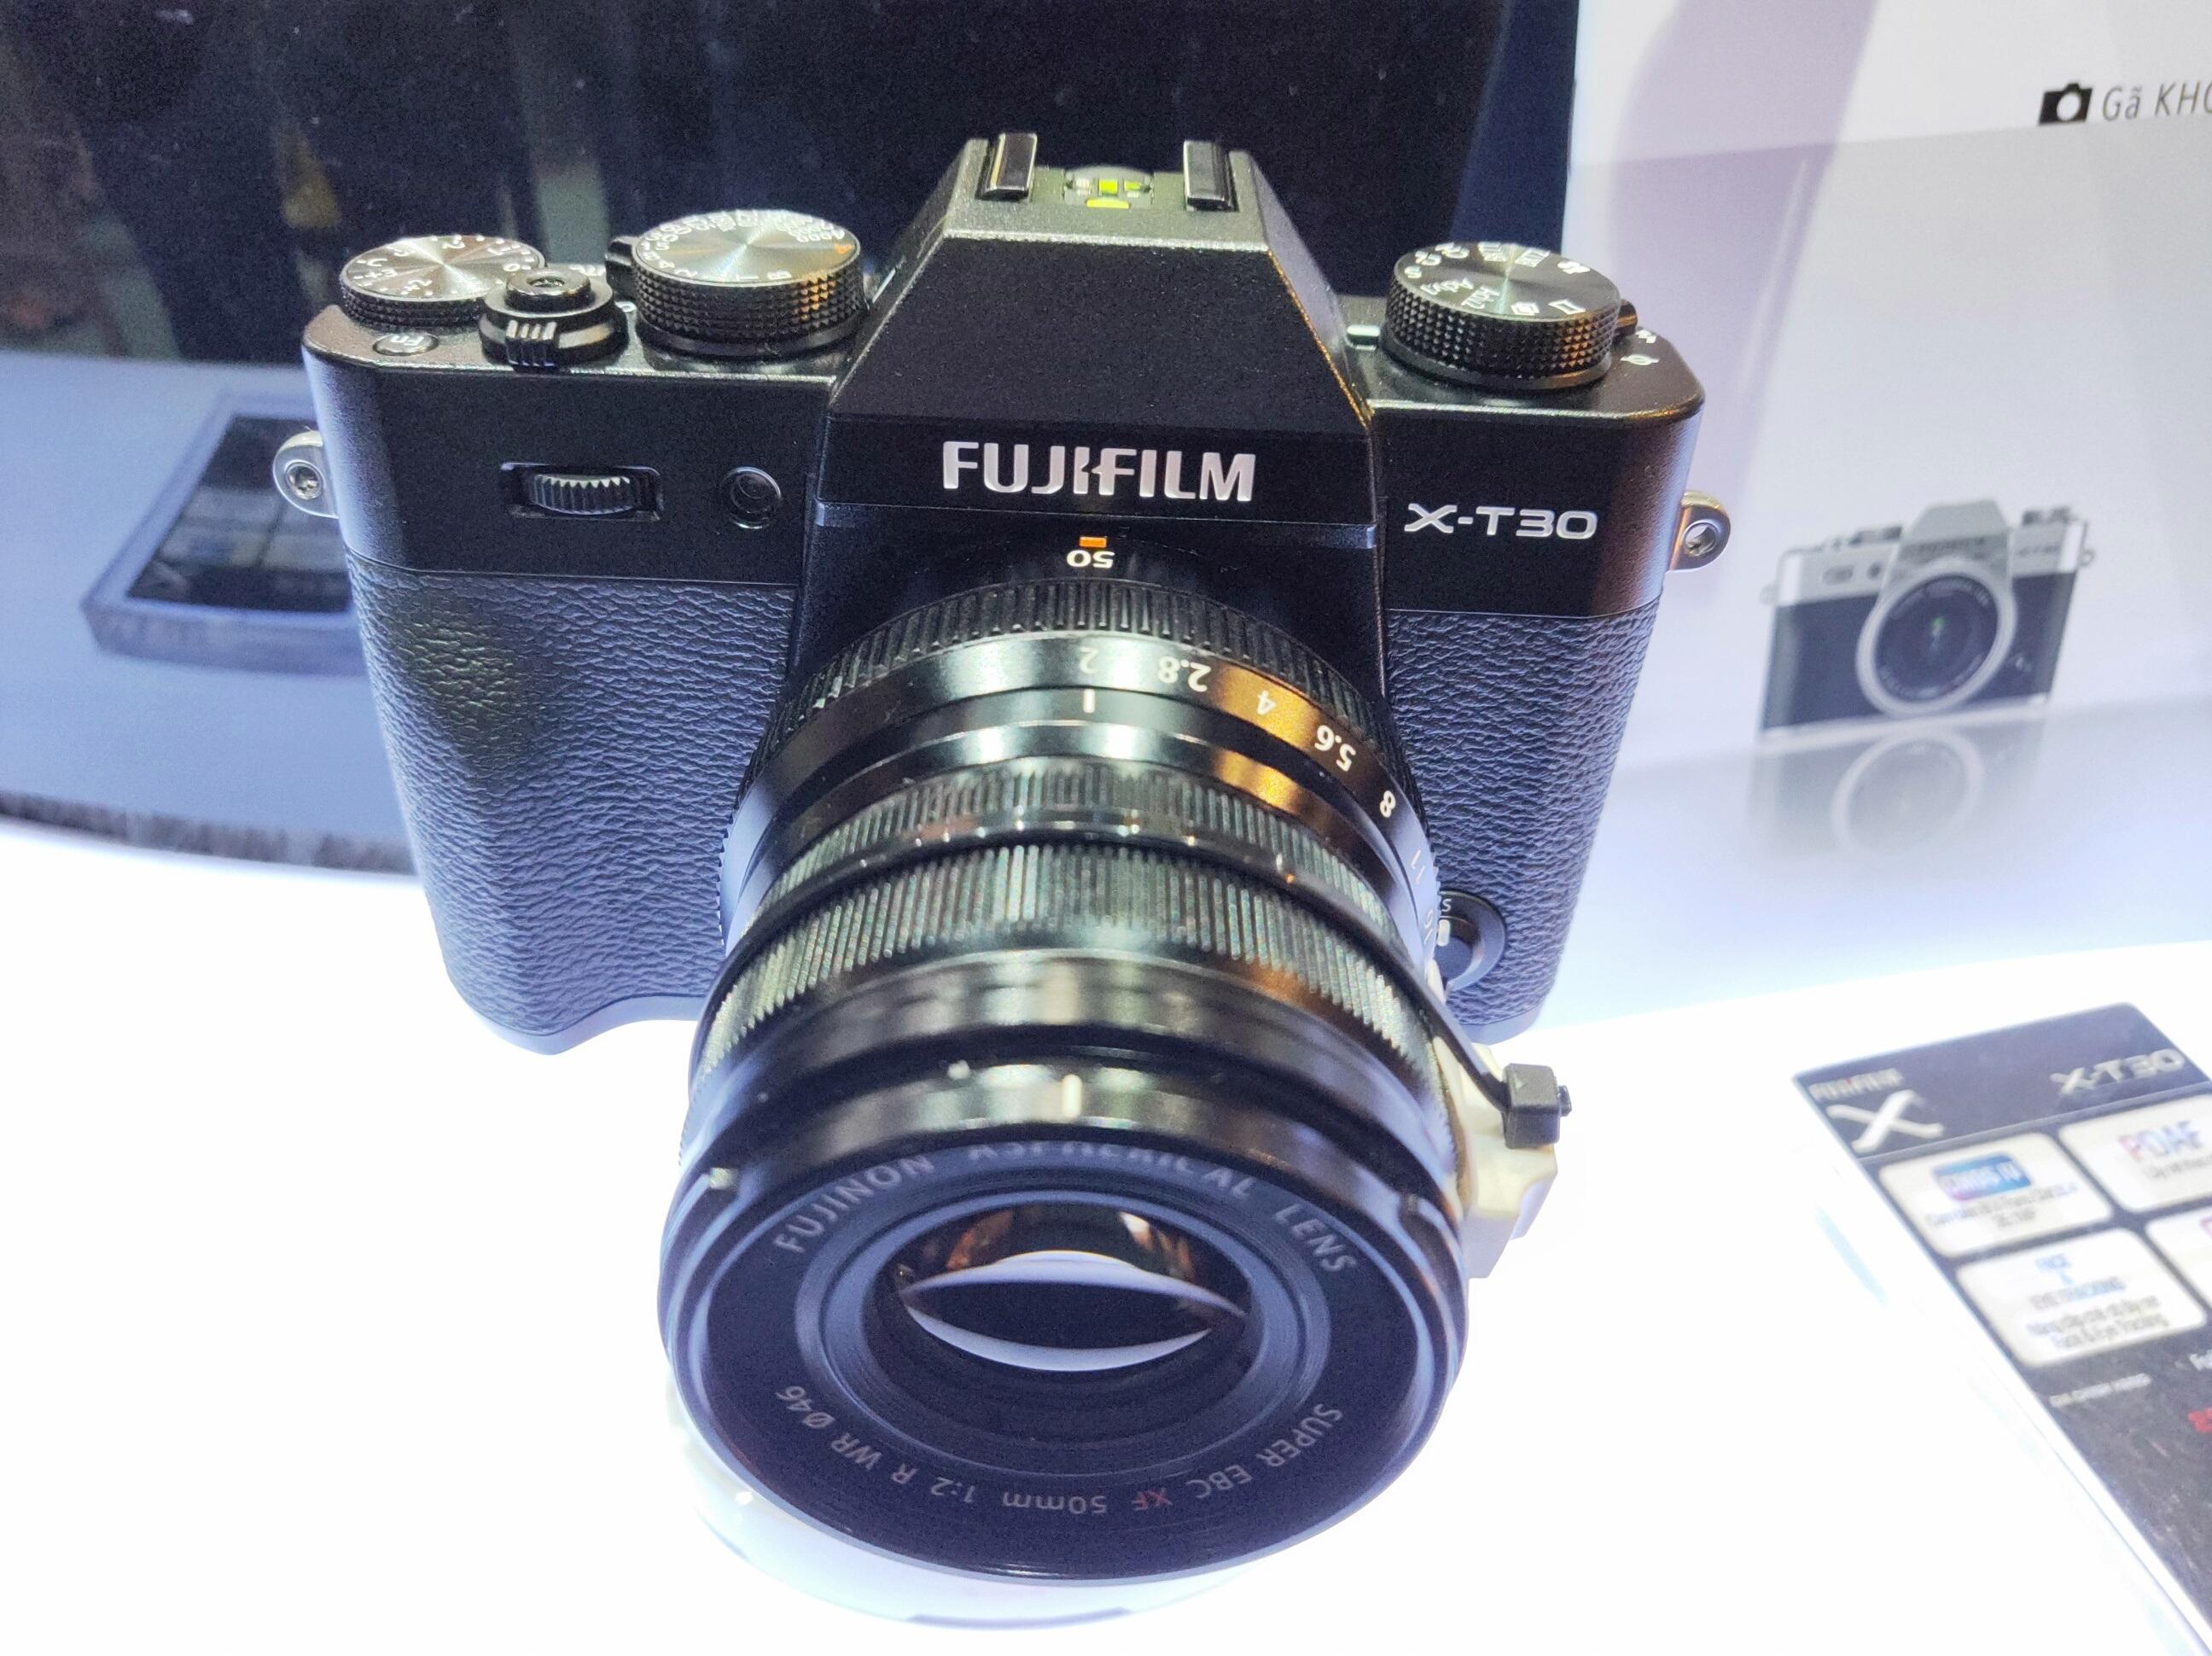 Fujifilm giới thiệu X-T30, cảm biến 26.1MP, quay phim 4K, giá 21,9 triệu đồng